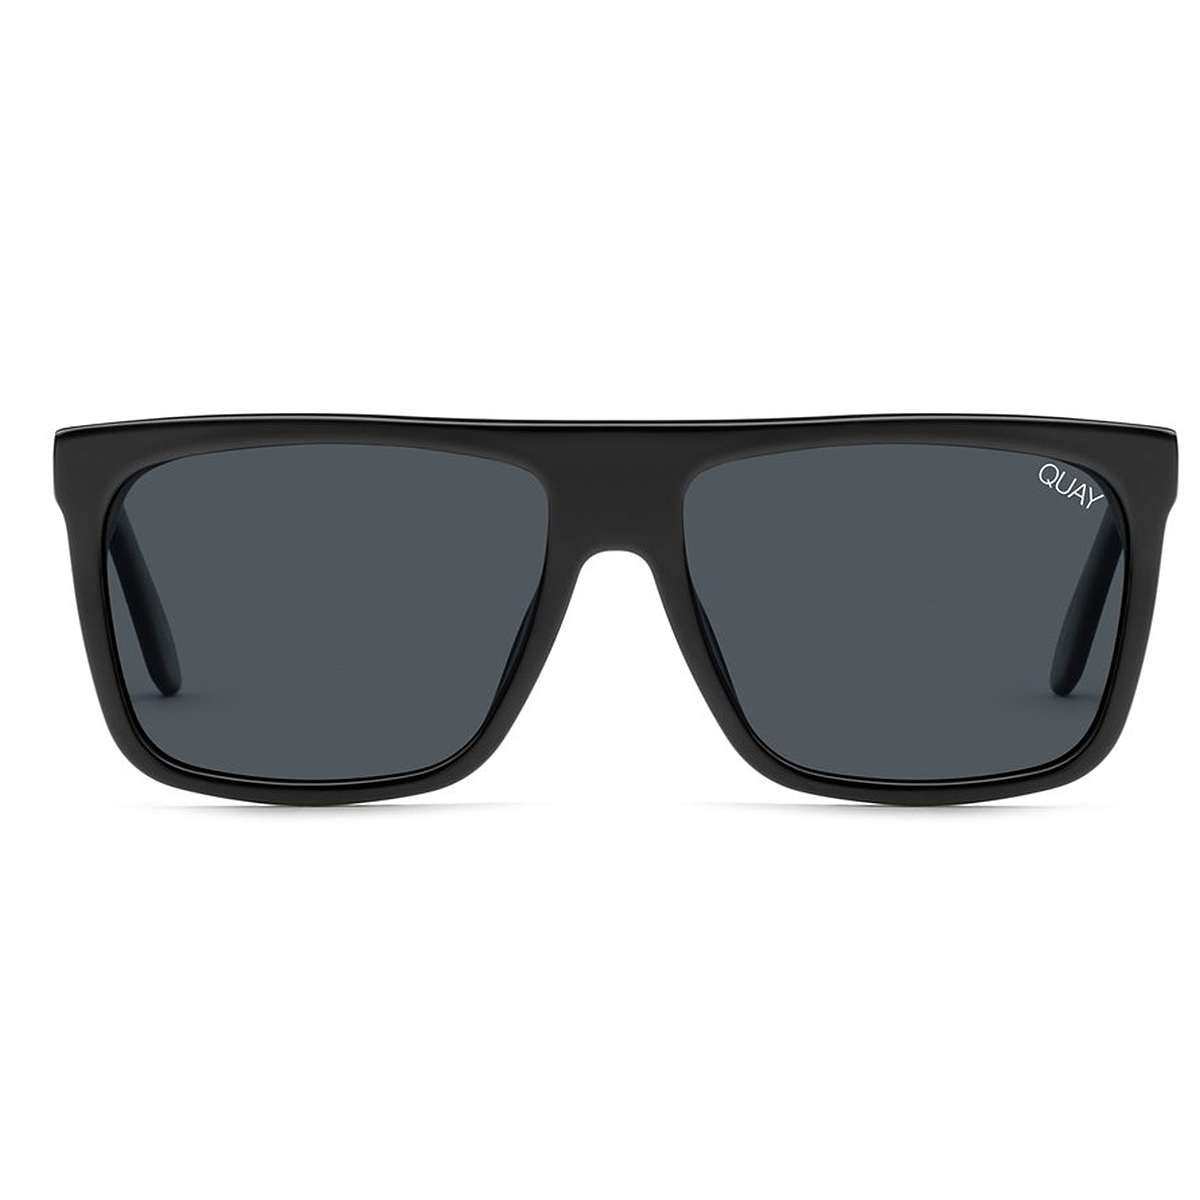 quay-square-sunglasses-round-face-shape